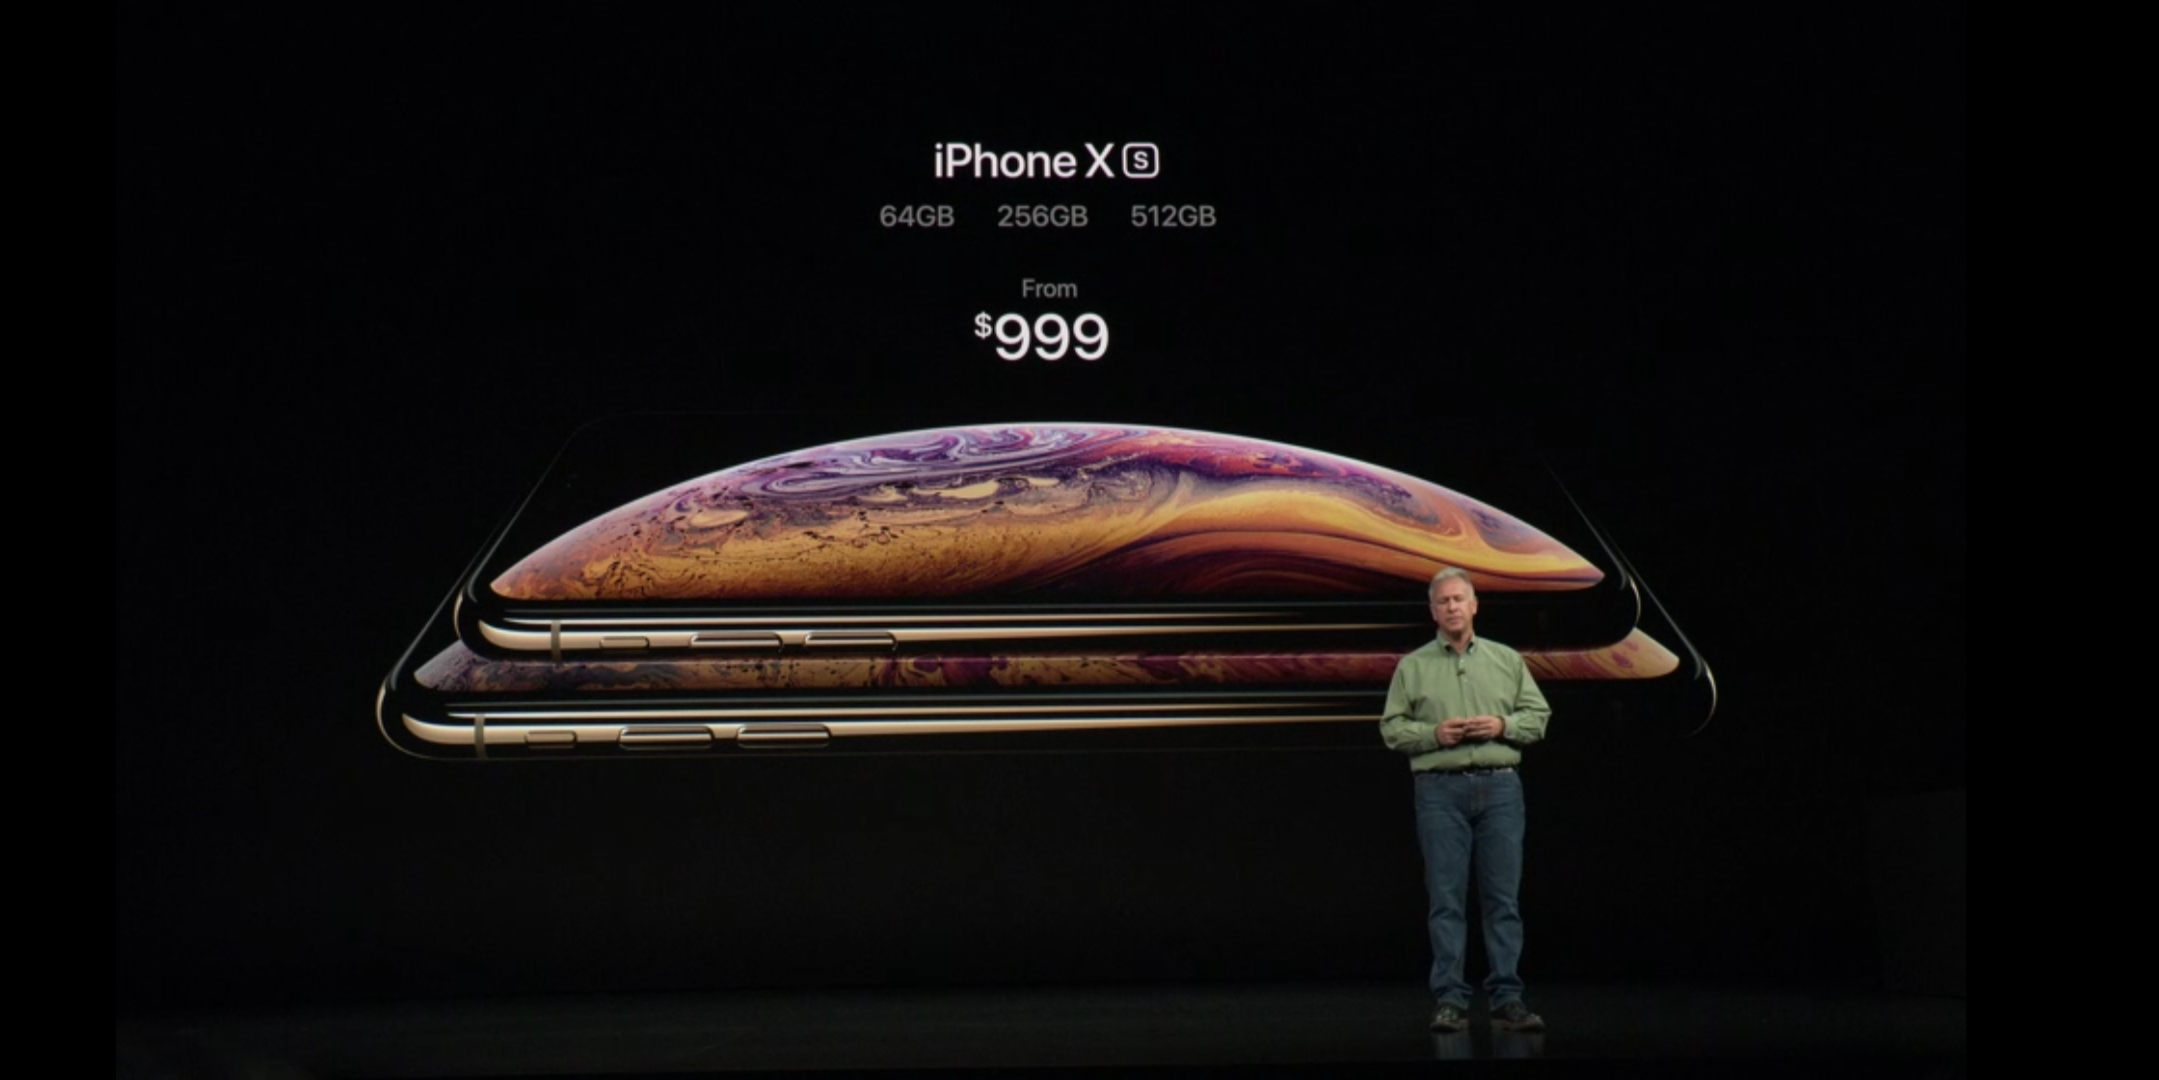 Screenshot 20180912 203958 - Keynote 2018 : la Pomme a présenté une Apple Watch et trois iPhone